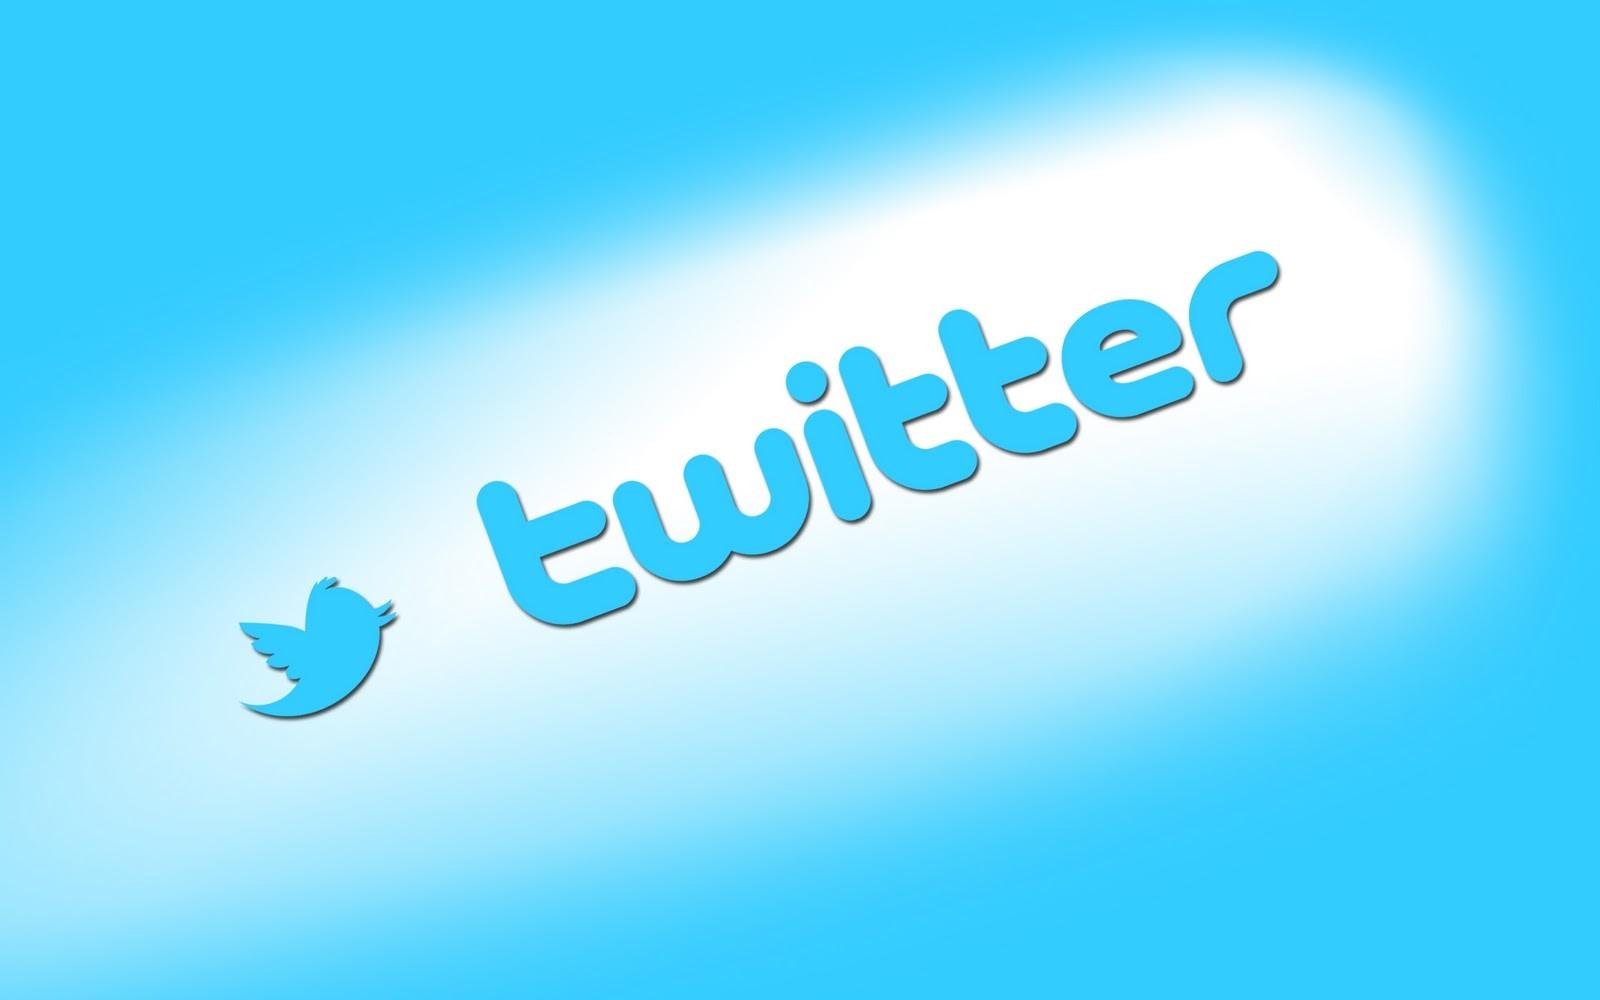 В работе Twitter по всему миру возник сбой